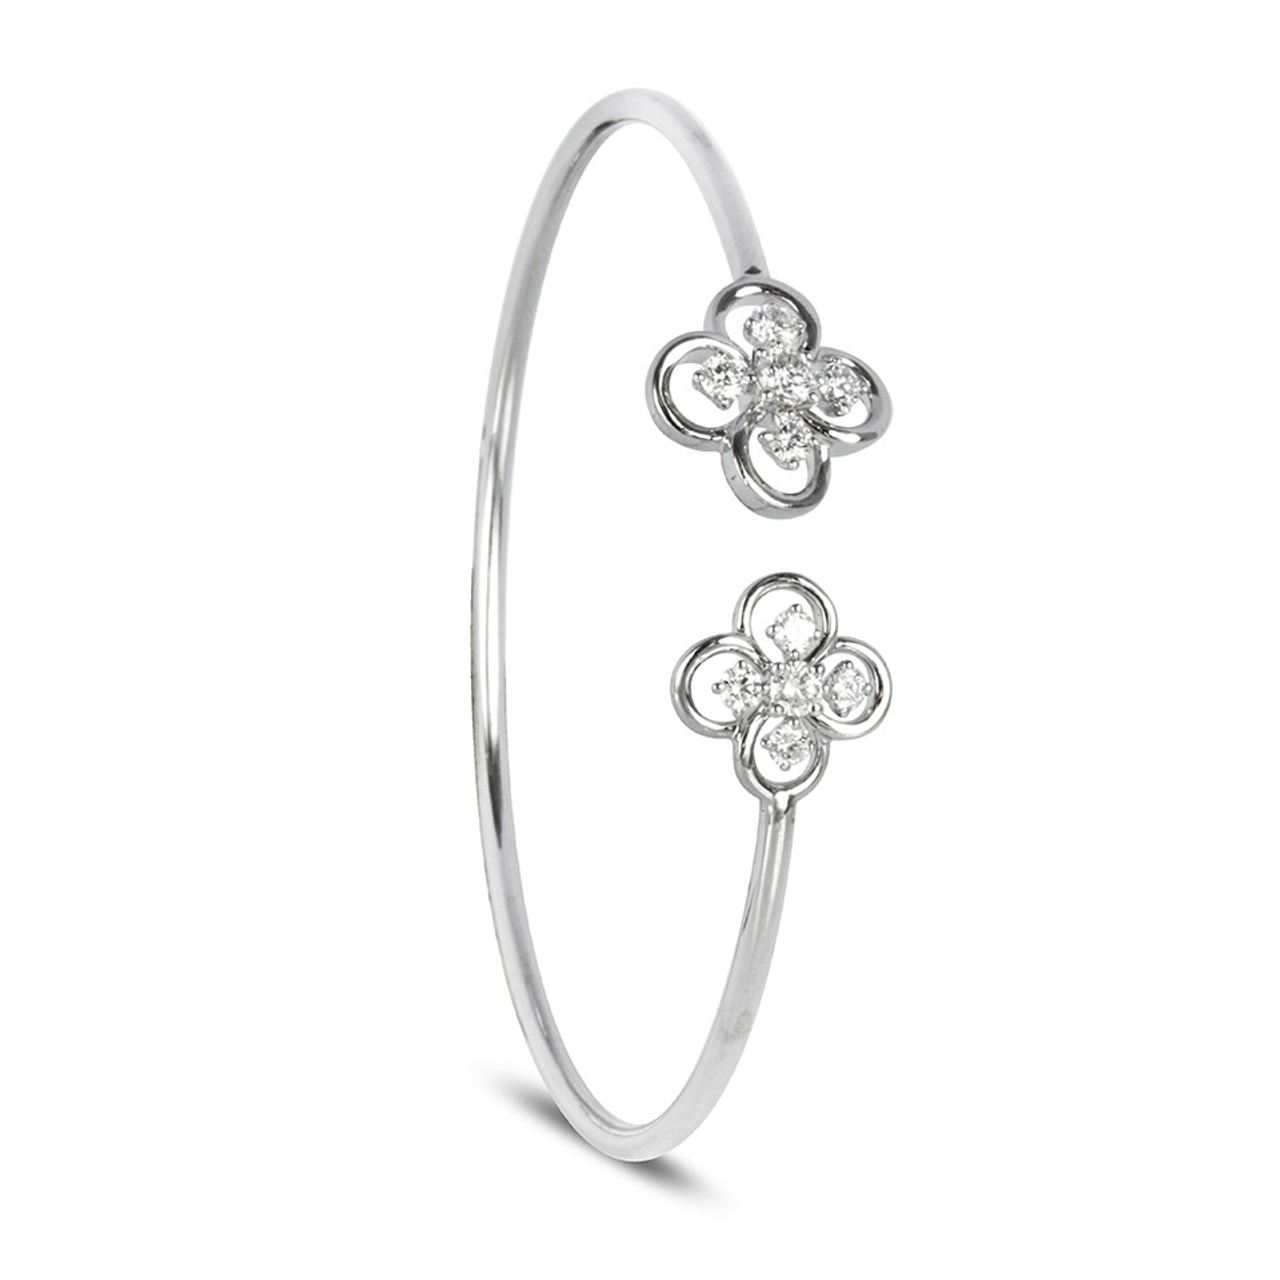 18ct White Gold & Diamond set Blossom Bangle